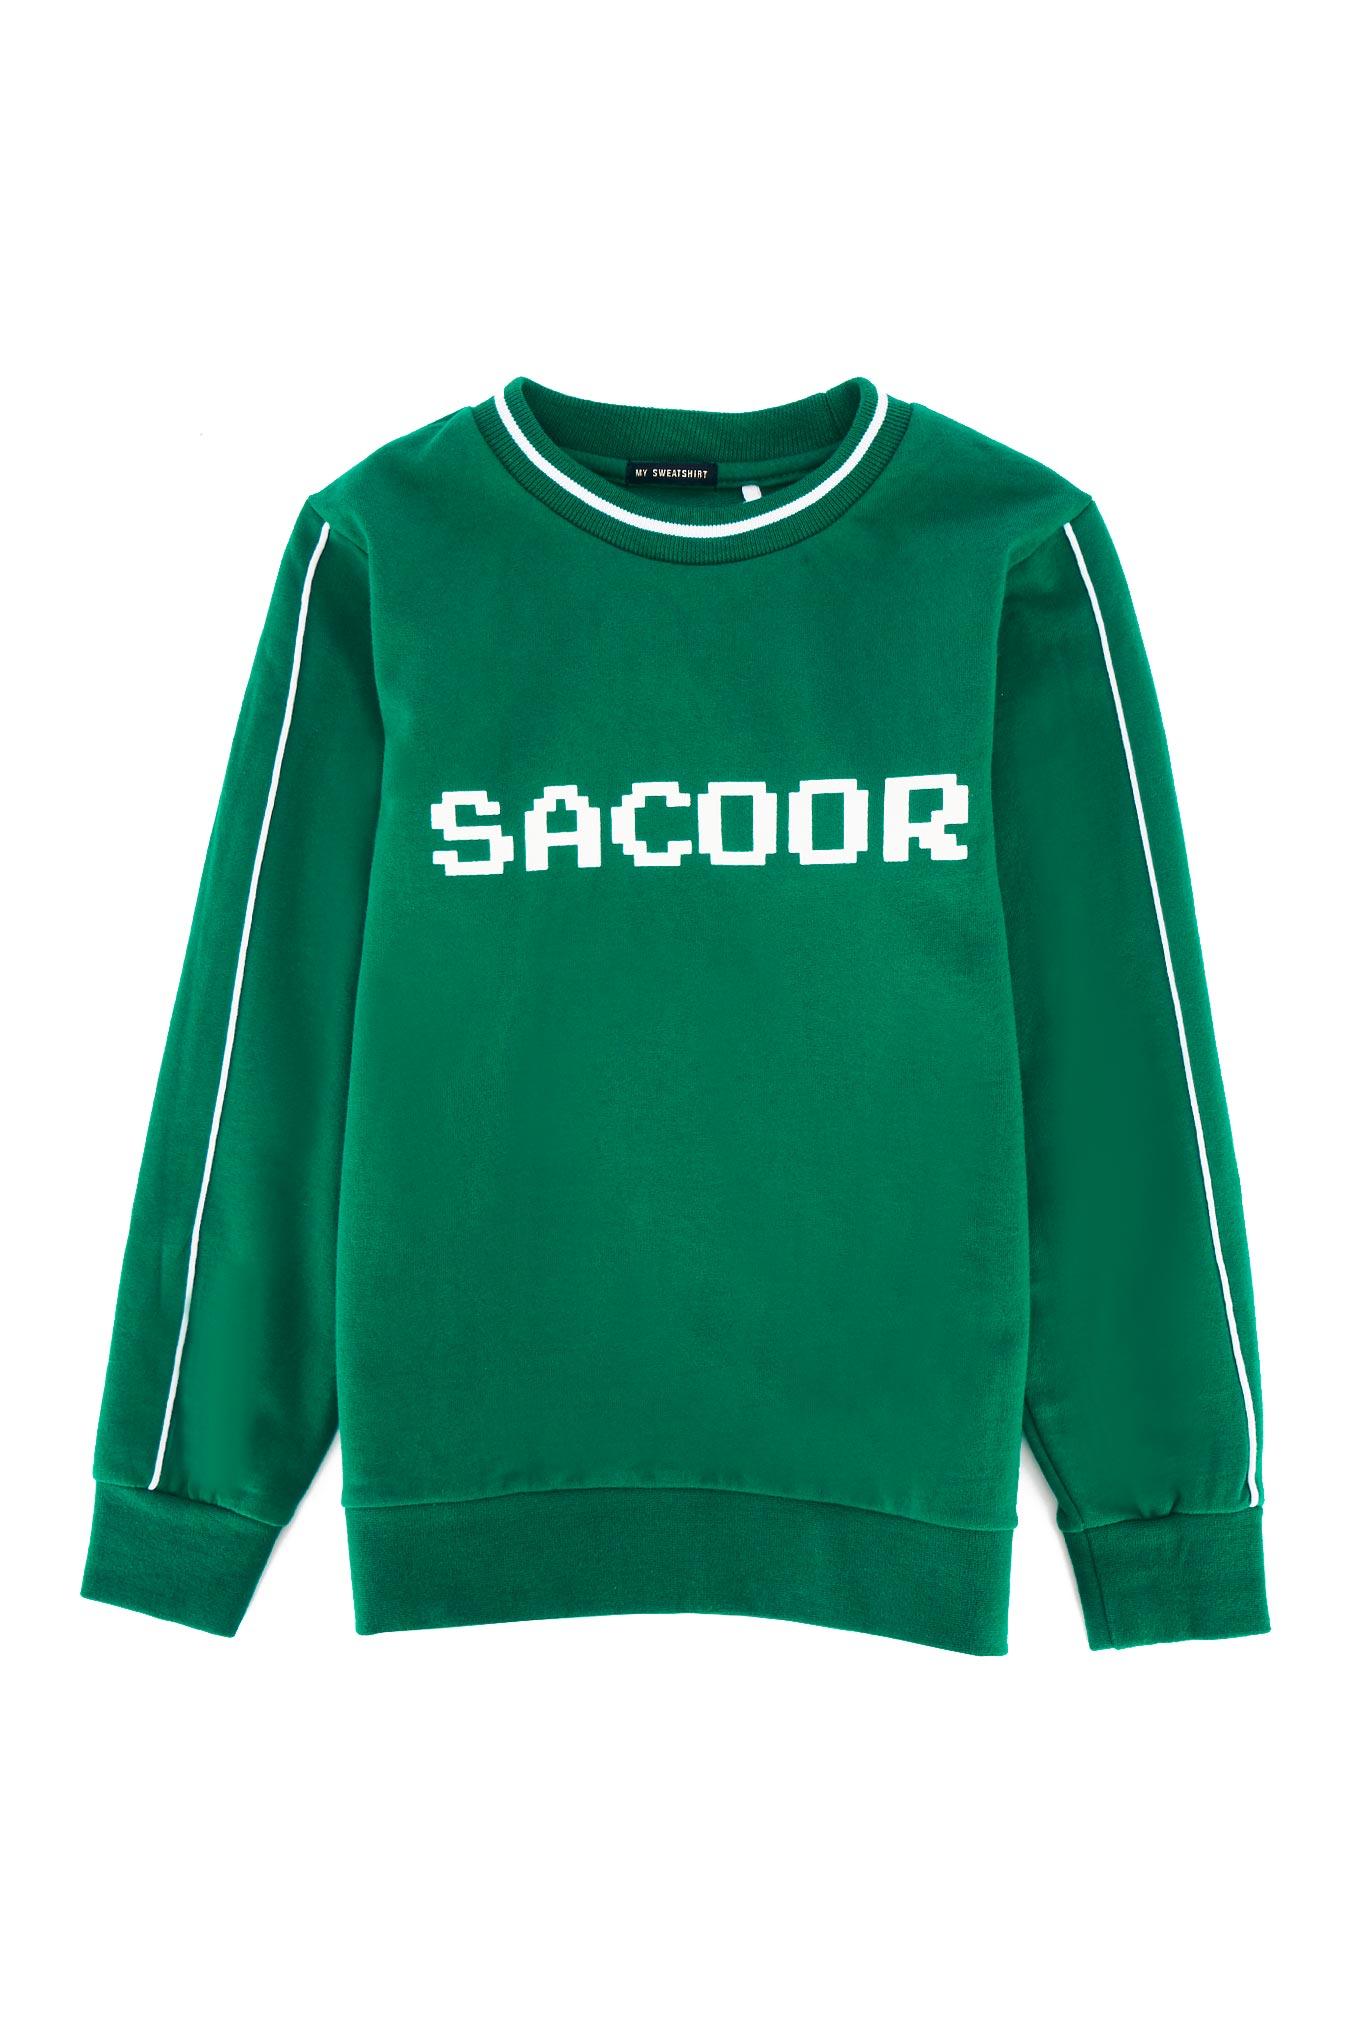 Sweatshirt Green Sport Boy